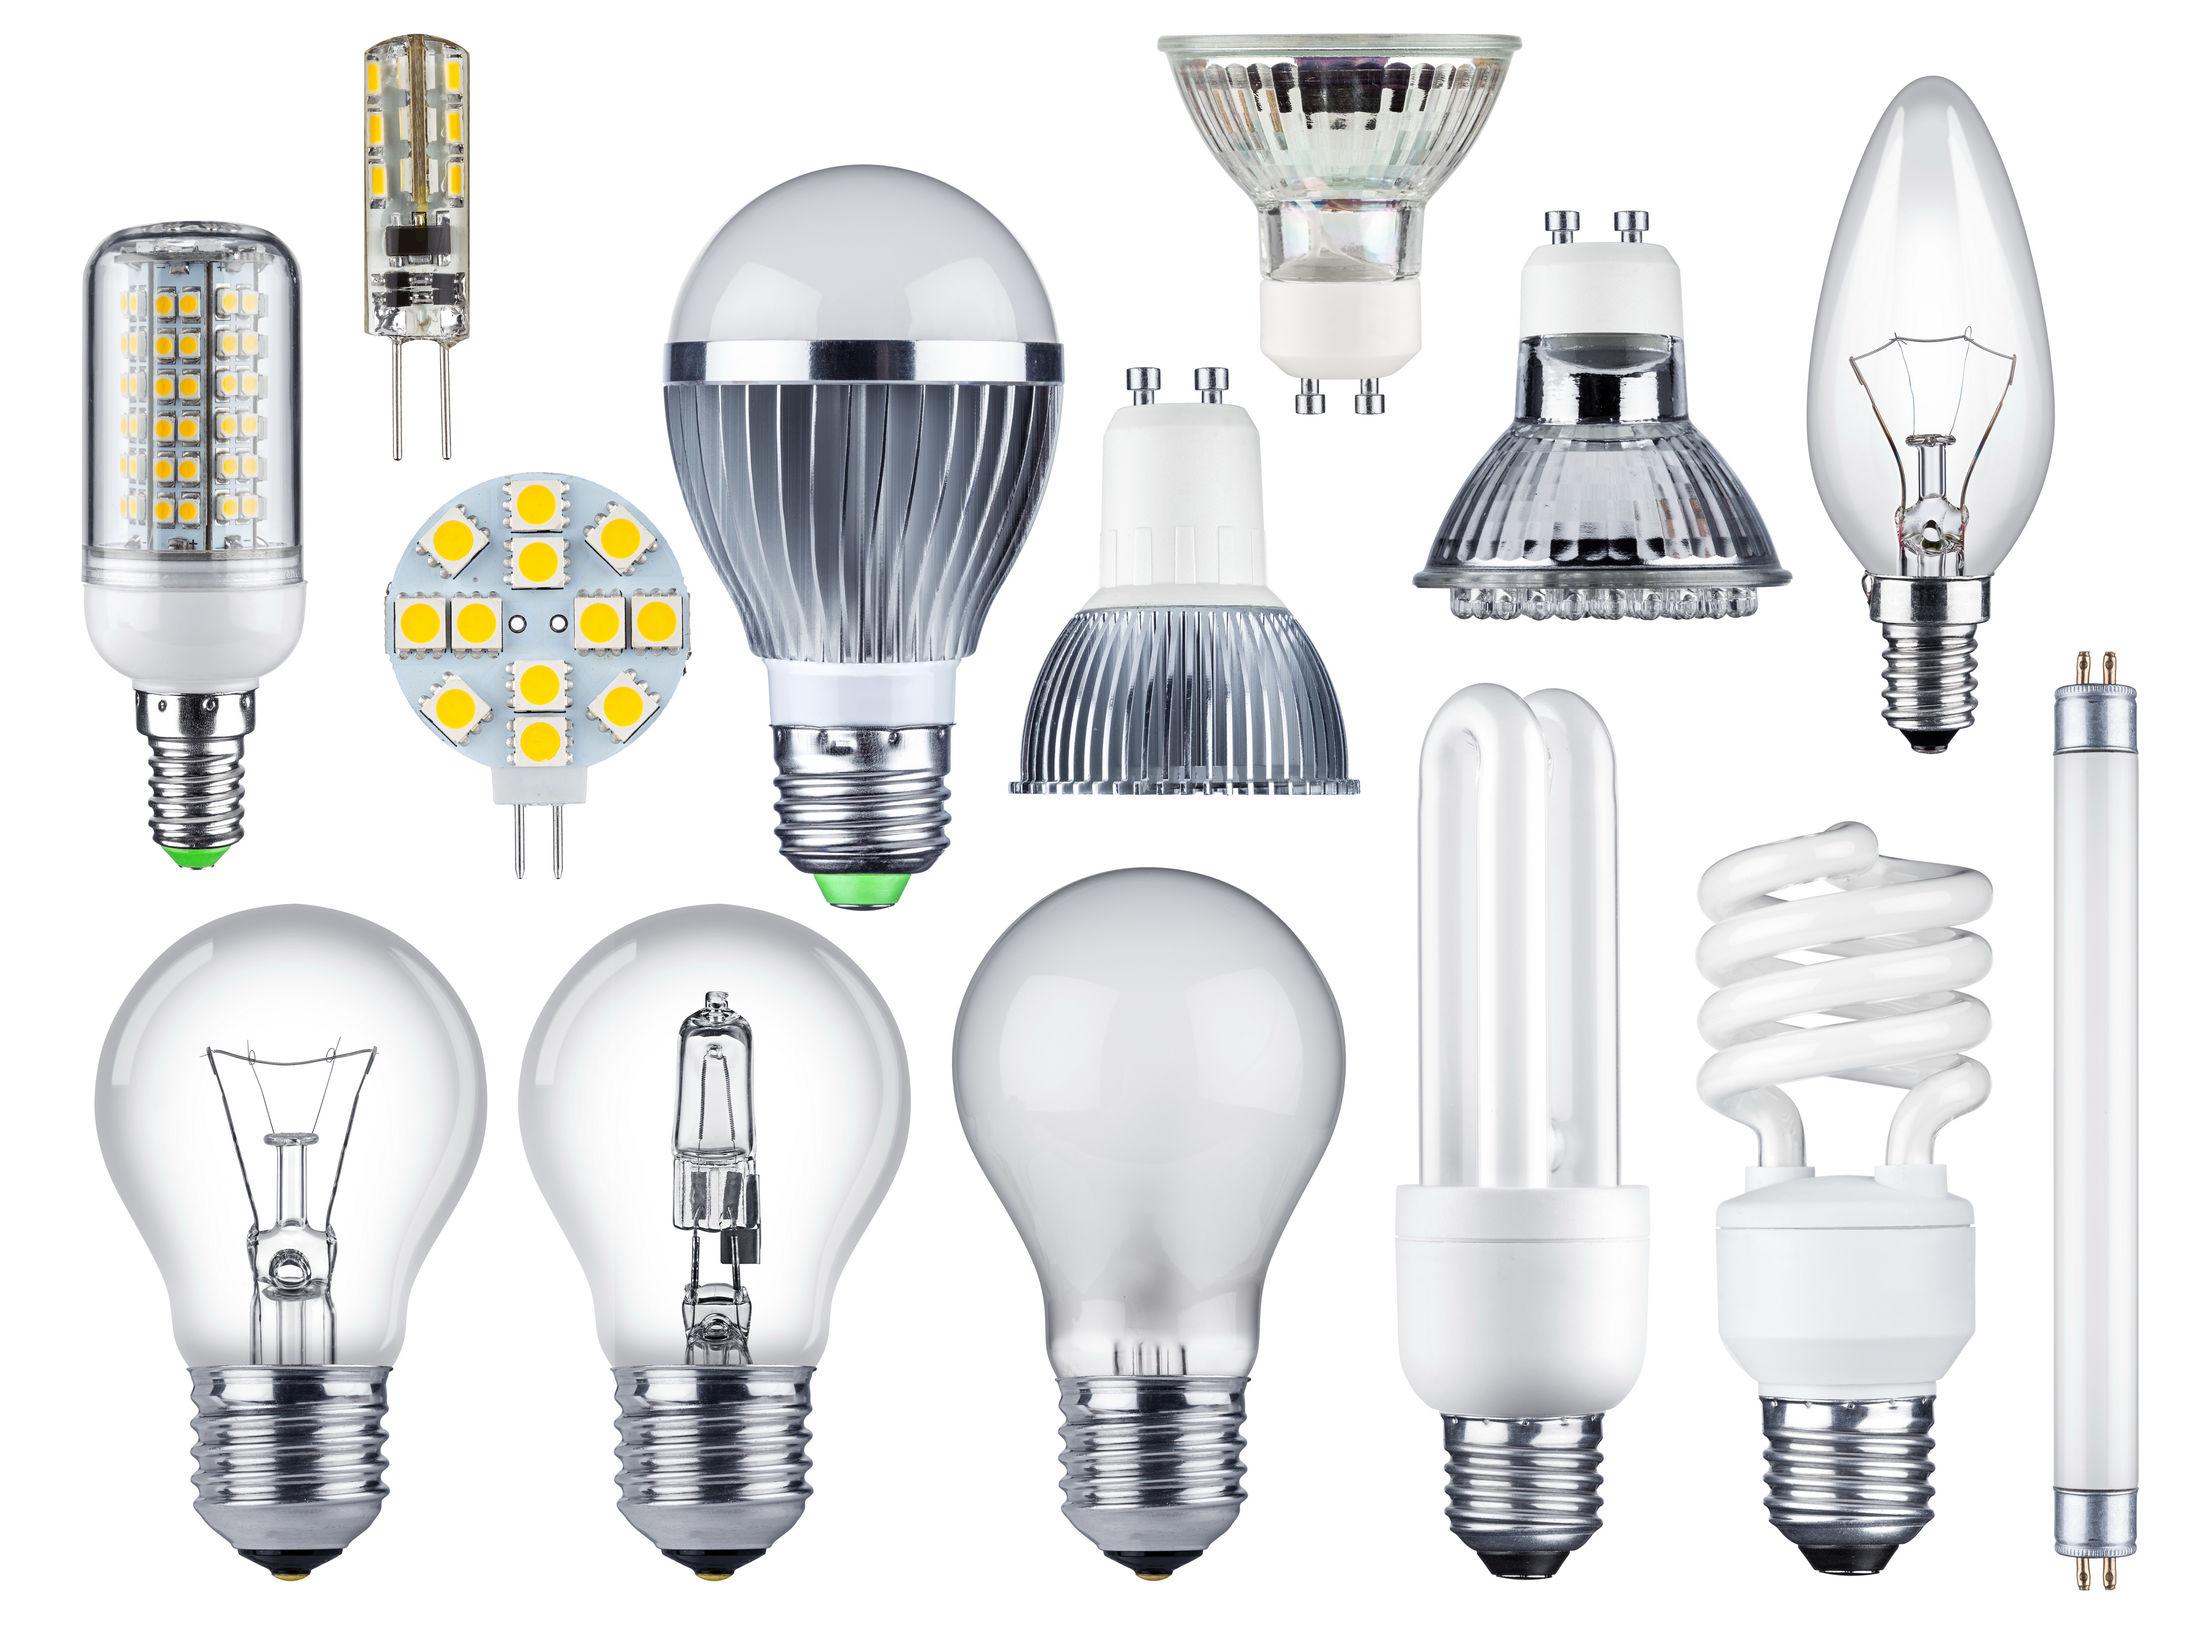 Мир вокруг нас: все про электрические лампочки - hi-news.ru